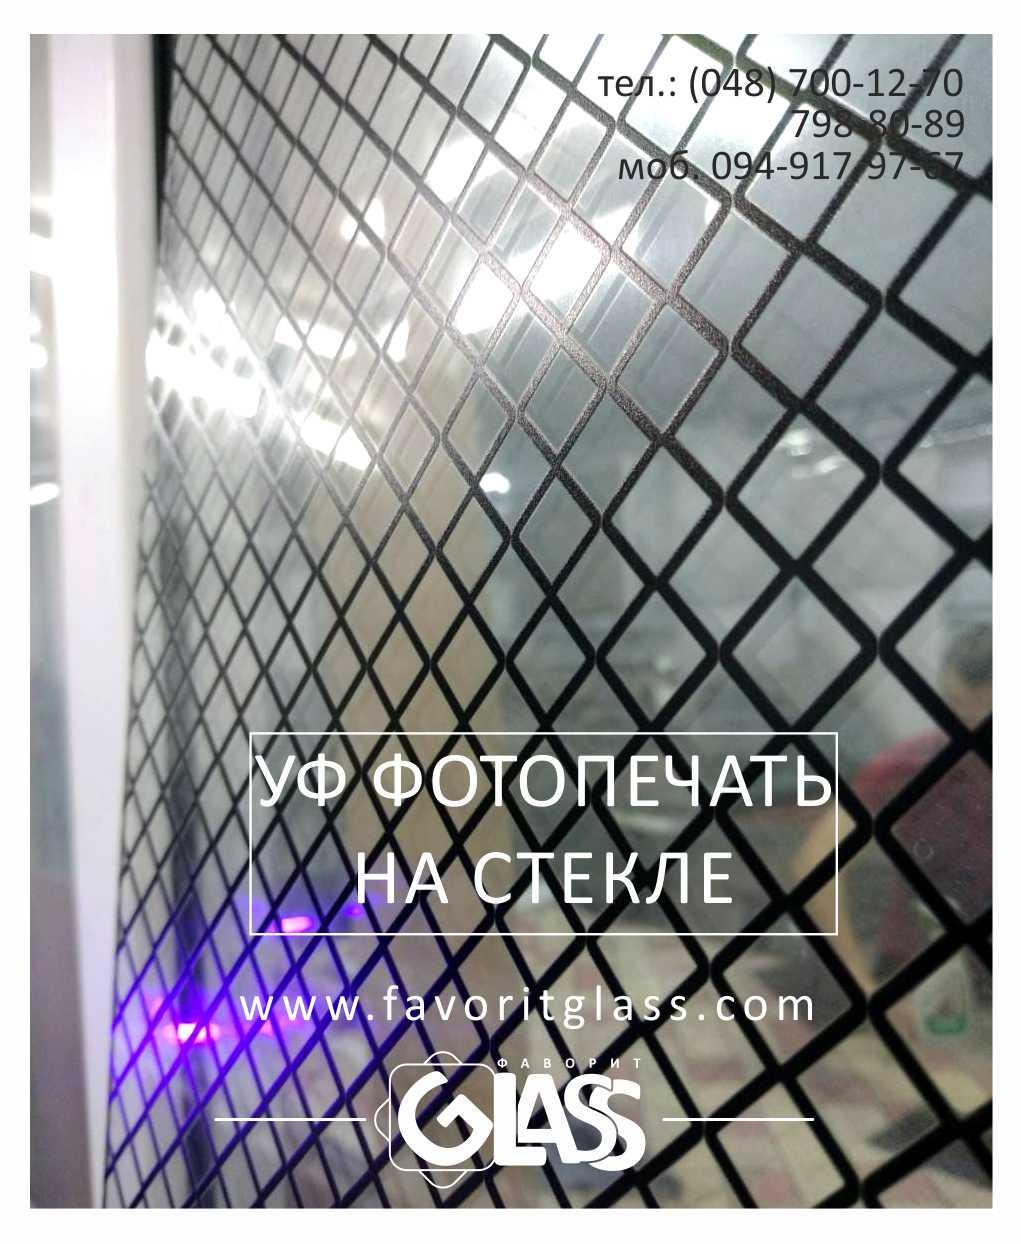 УФ фотопечать на прозрачном стекле  сетк